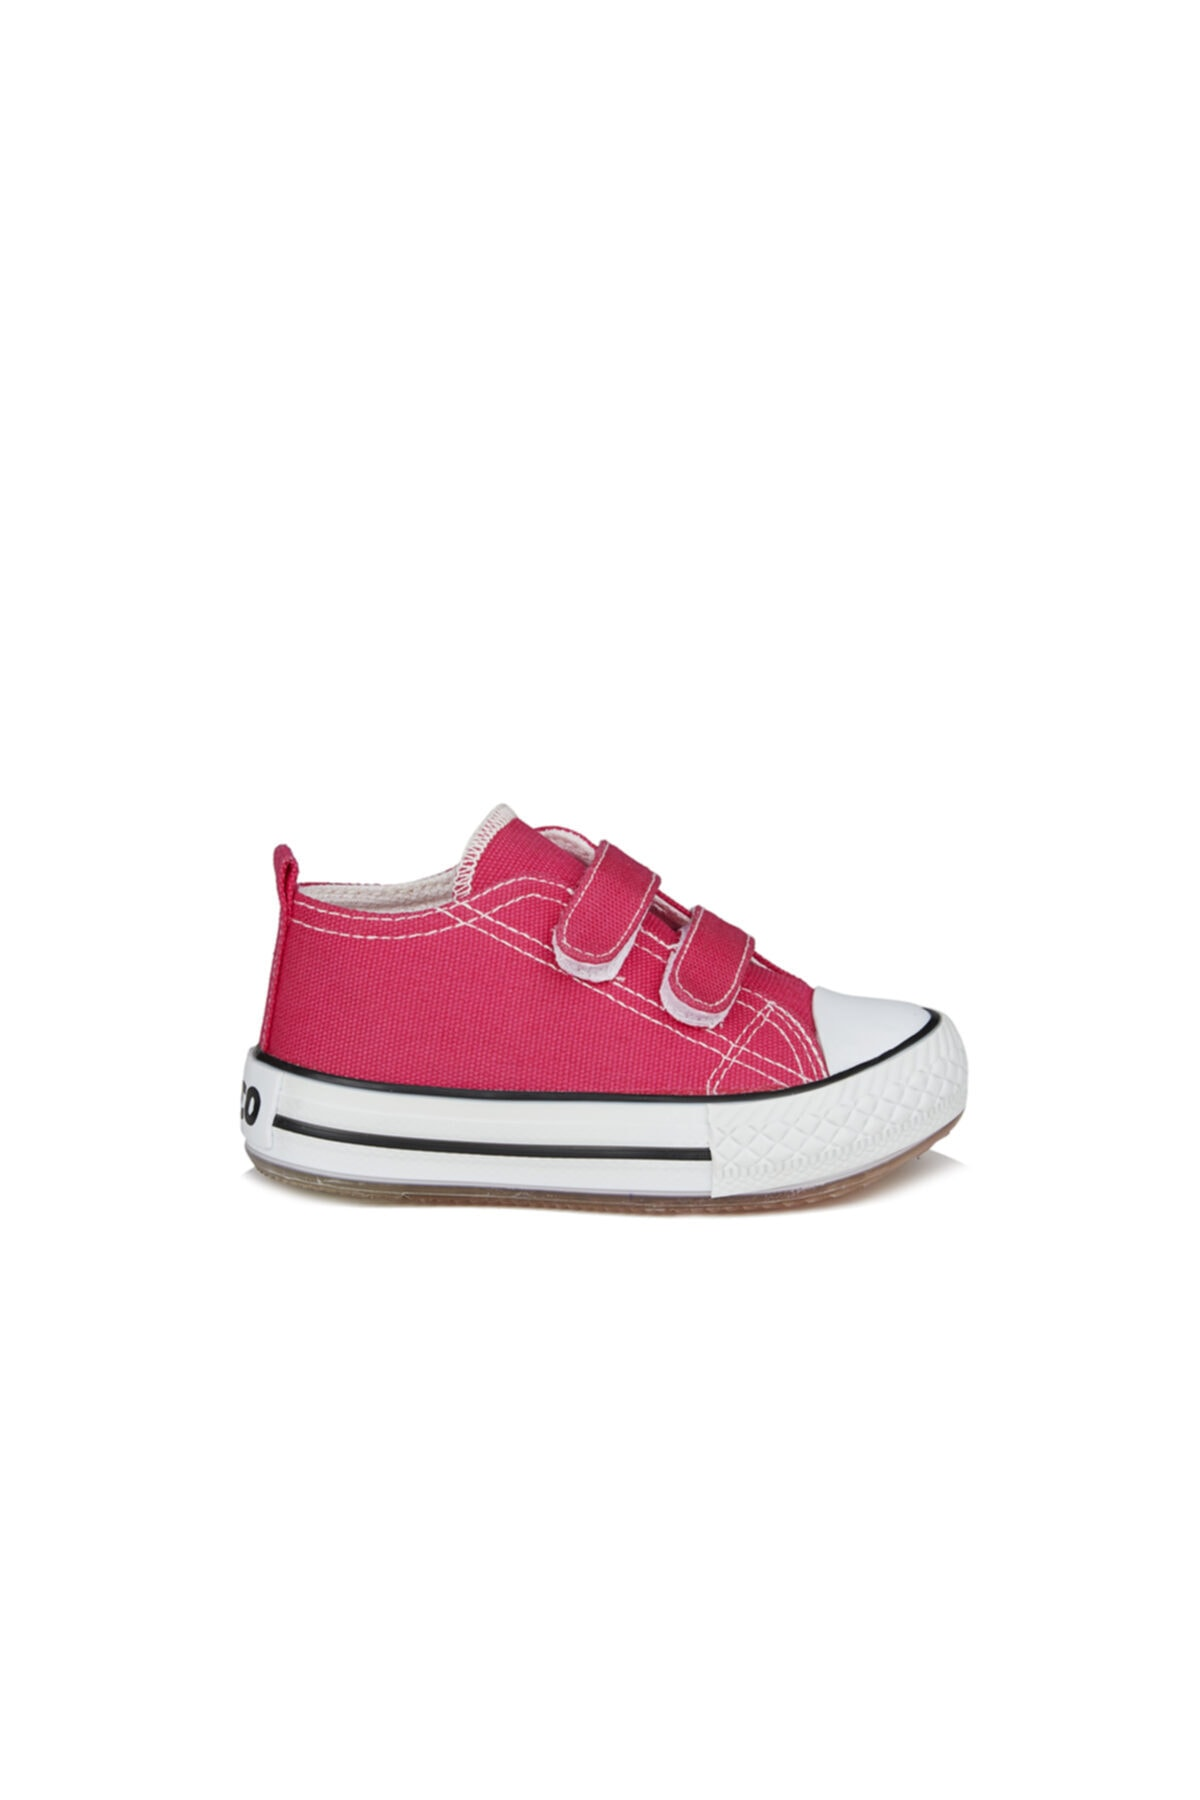 Vicco Pino Kız Çocuk Fuşya Spor Ayakkabı 2